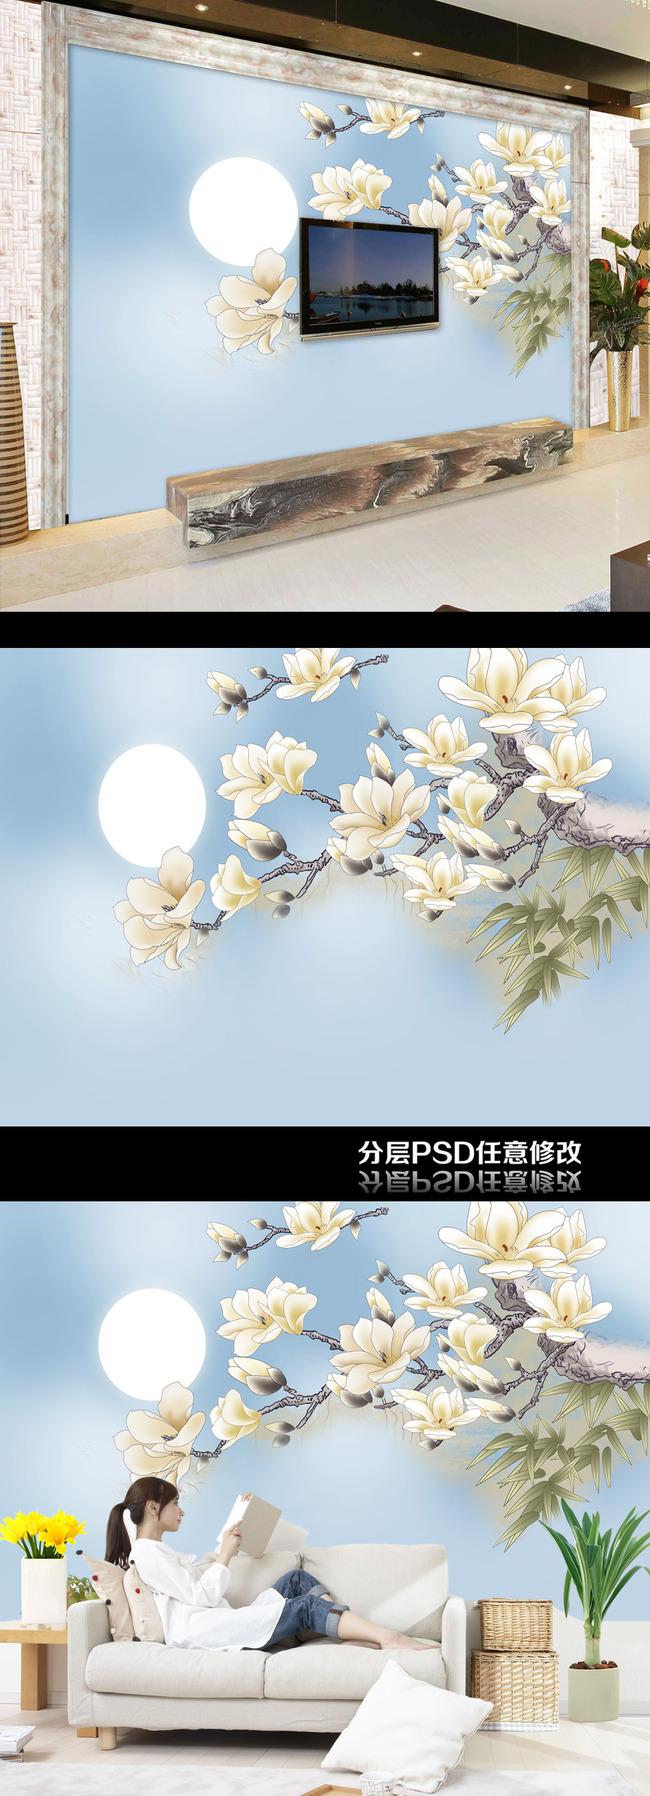 背景墙|装饰画 电视背景墙 手绘电视背景墙 > 花好月圆玉兰花蝴蝶倒影